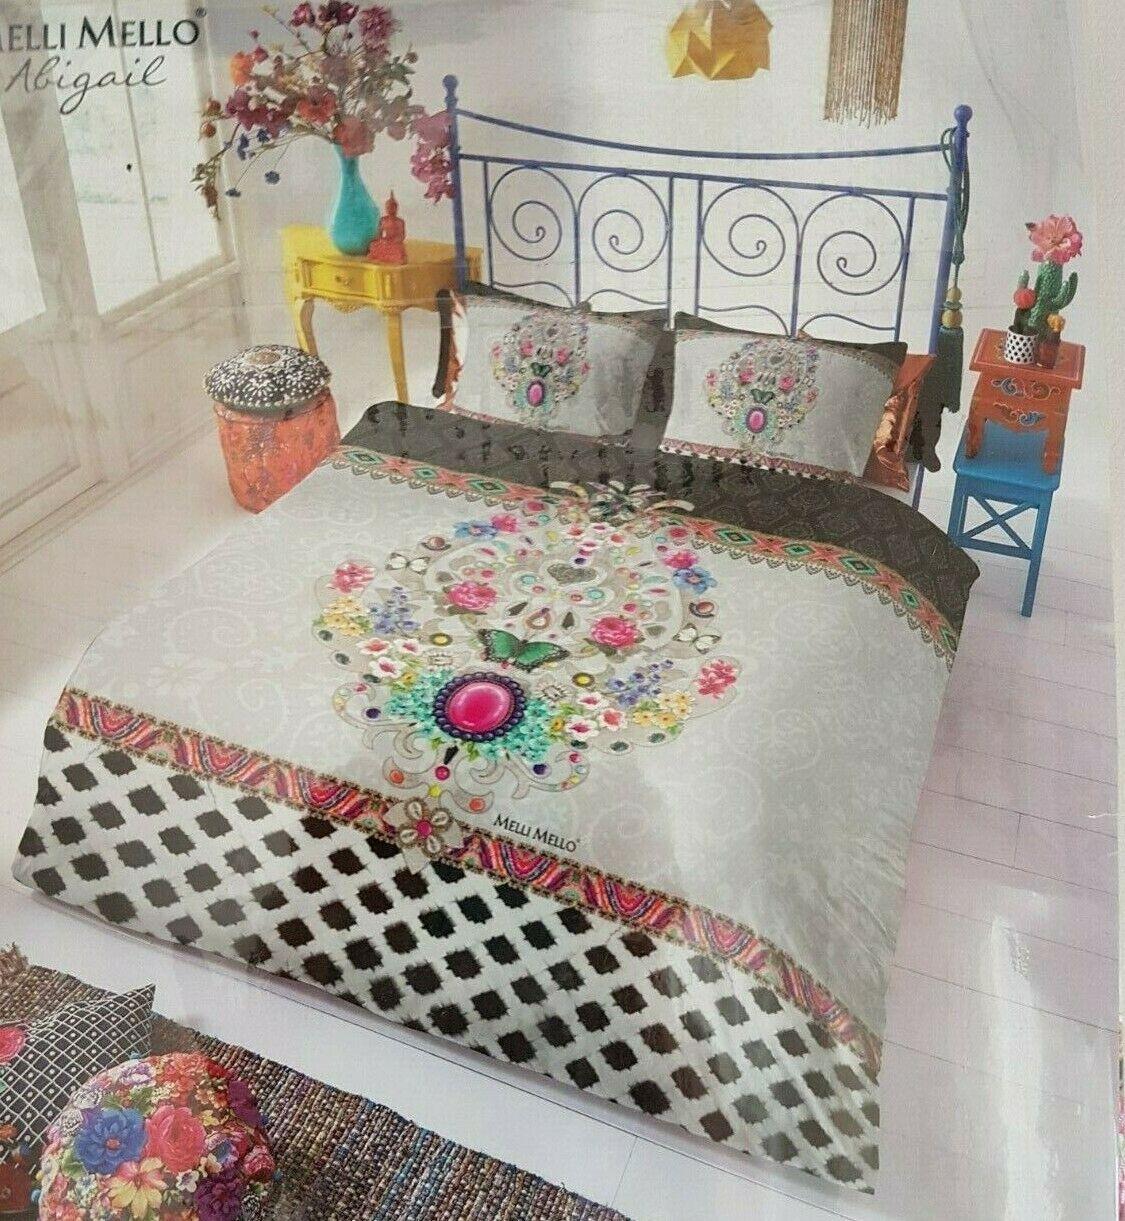 Mellito Mello Cotone Raso Biancheria da letto Abigail ornamenti 155x220 cm romantico